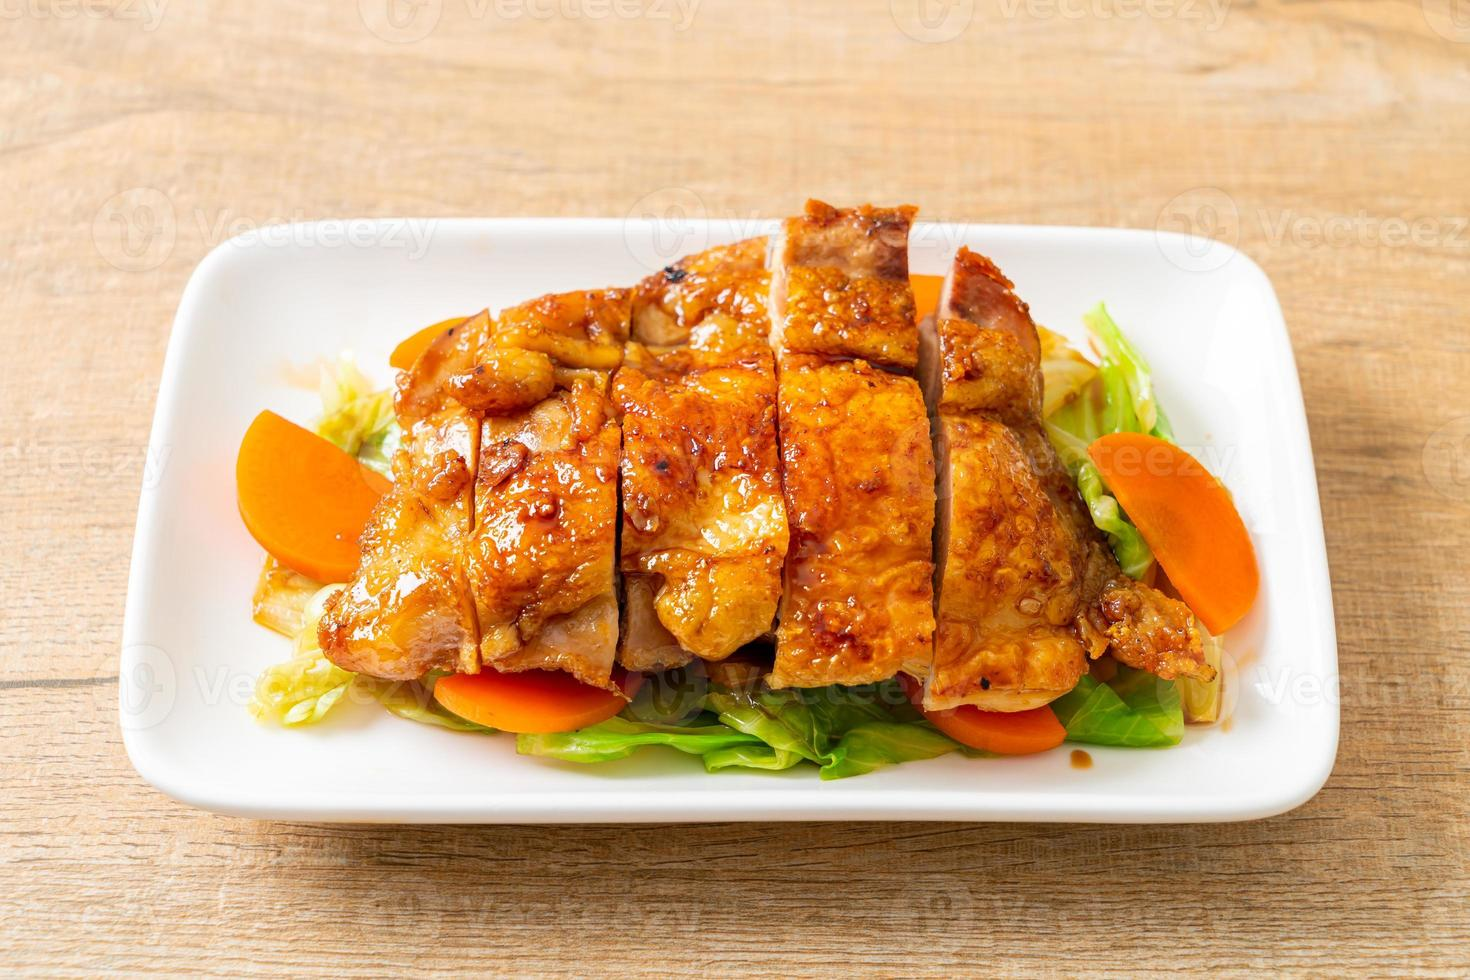 Filete de pollo teppanyaki teriyaki con repollo y zanahoria foto